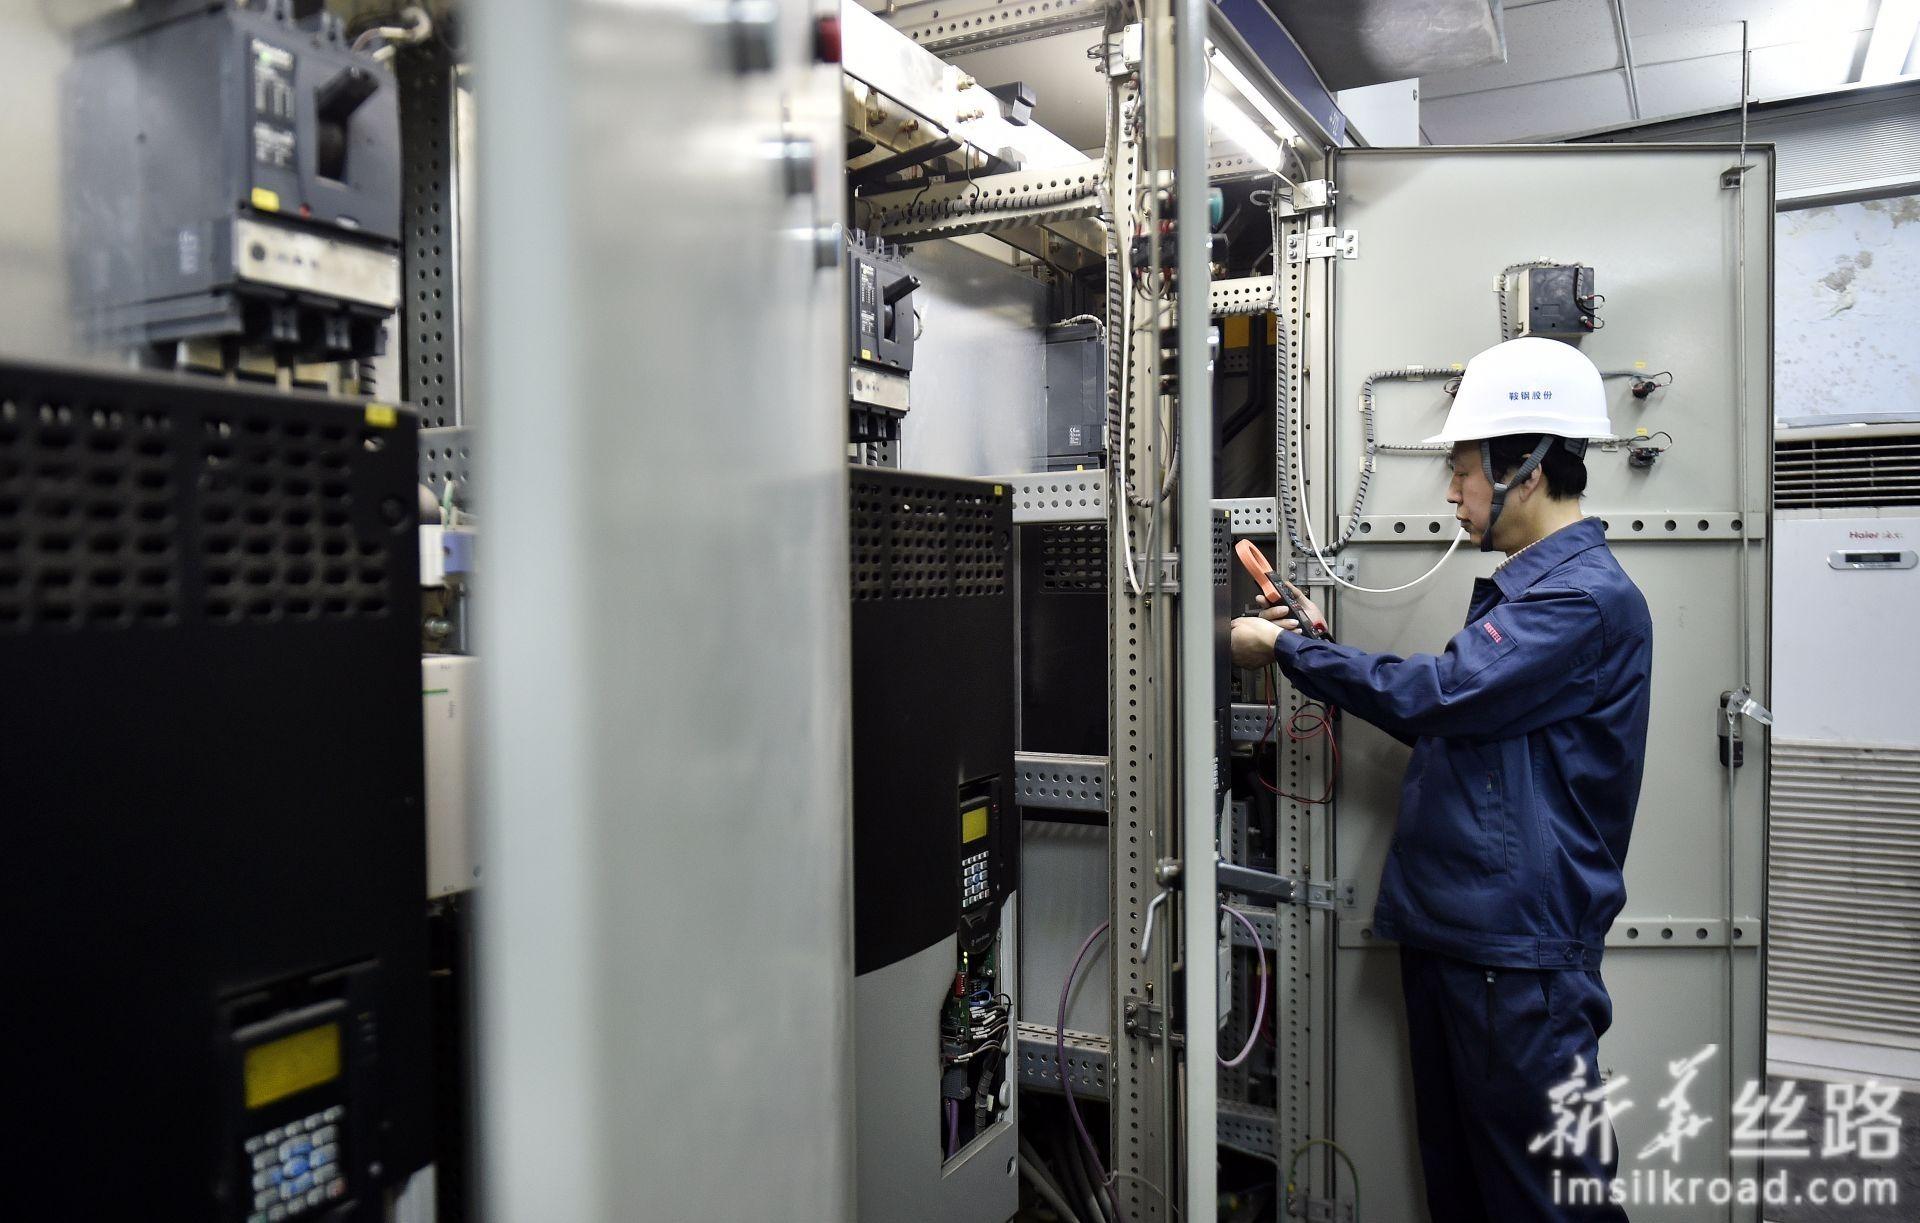 林学斌在电气控制室排除故障(4月29日摄)。新华社记者 姚剑锋 摄